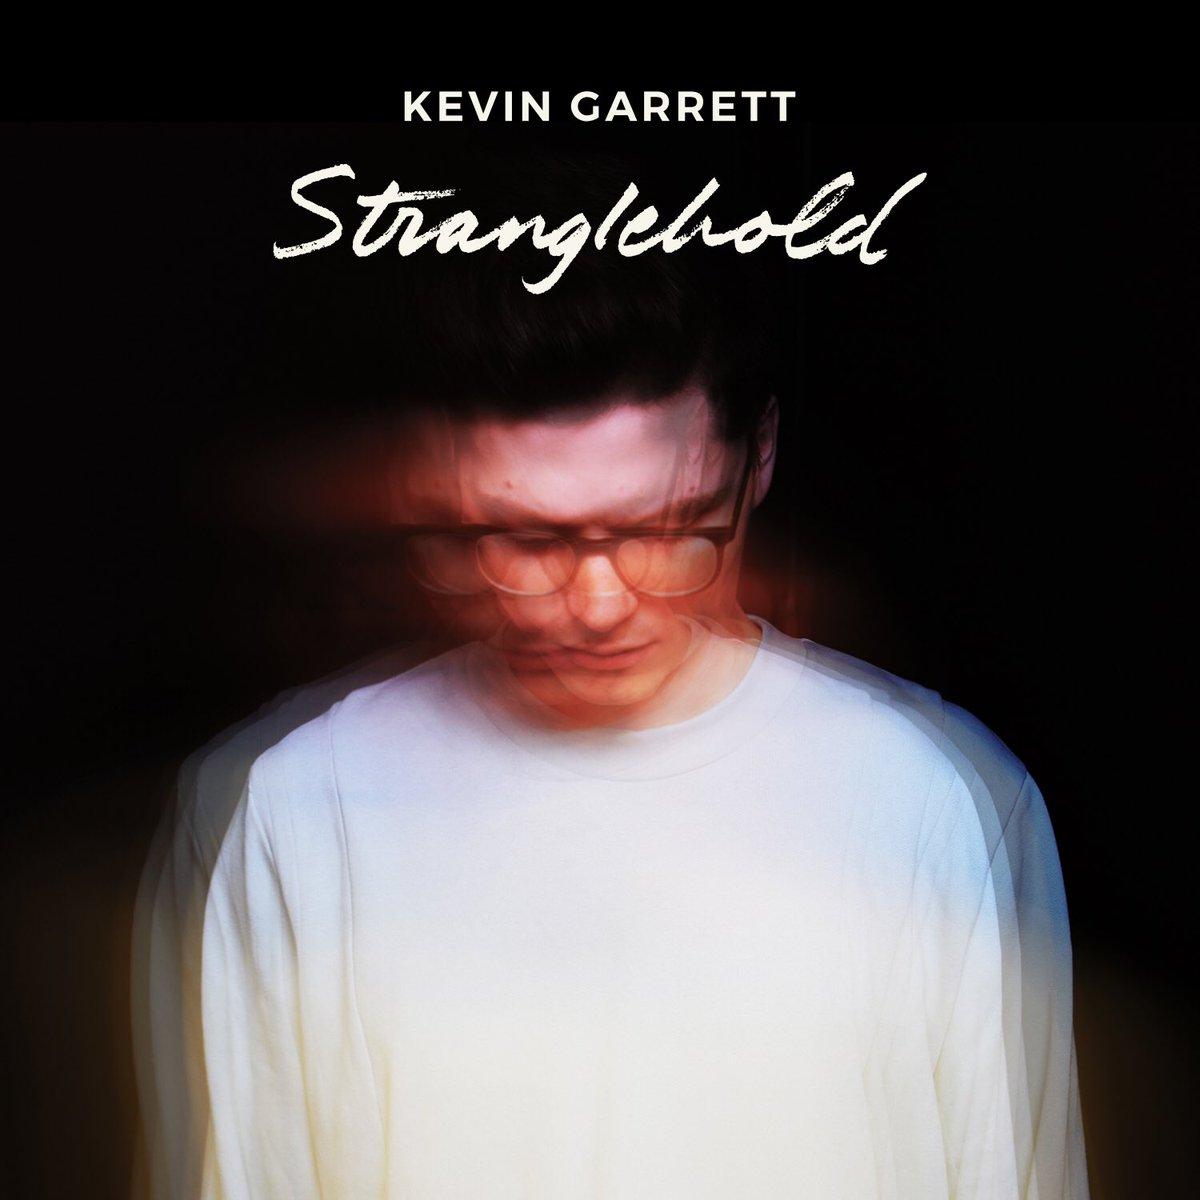 دانلود آهنگ جدید Kevin Garrett به نام Stranglehold